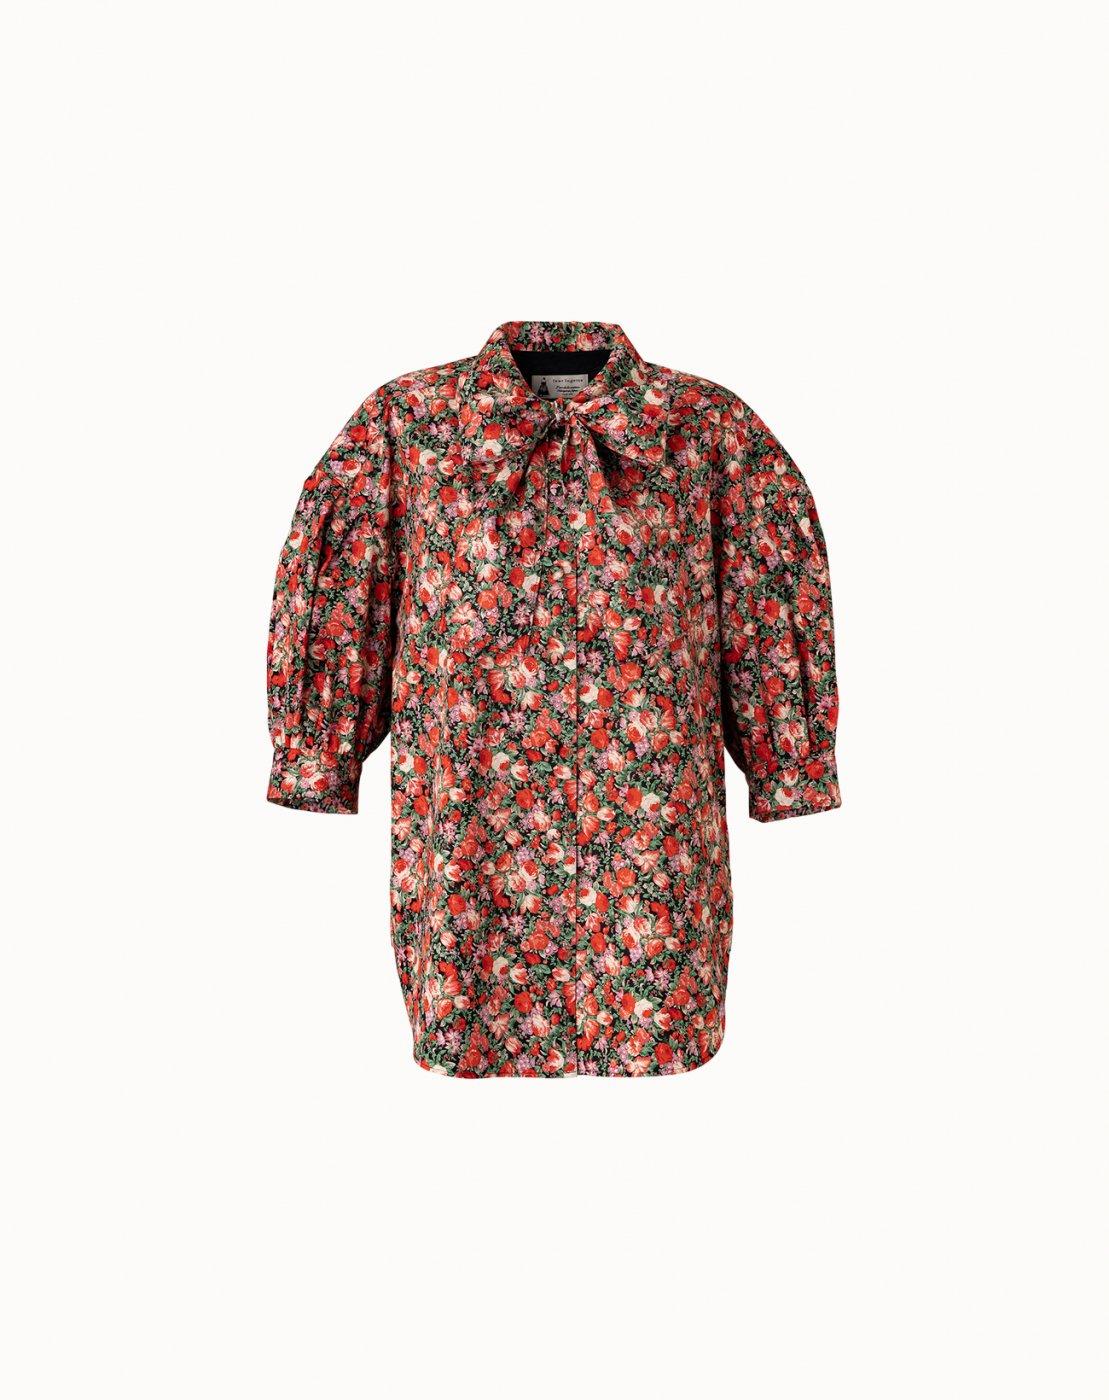 leur logette - 【Maison leur logette】 Matisse Flower Print Blouse - Red